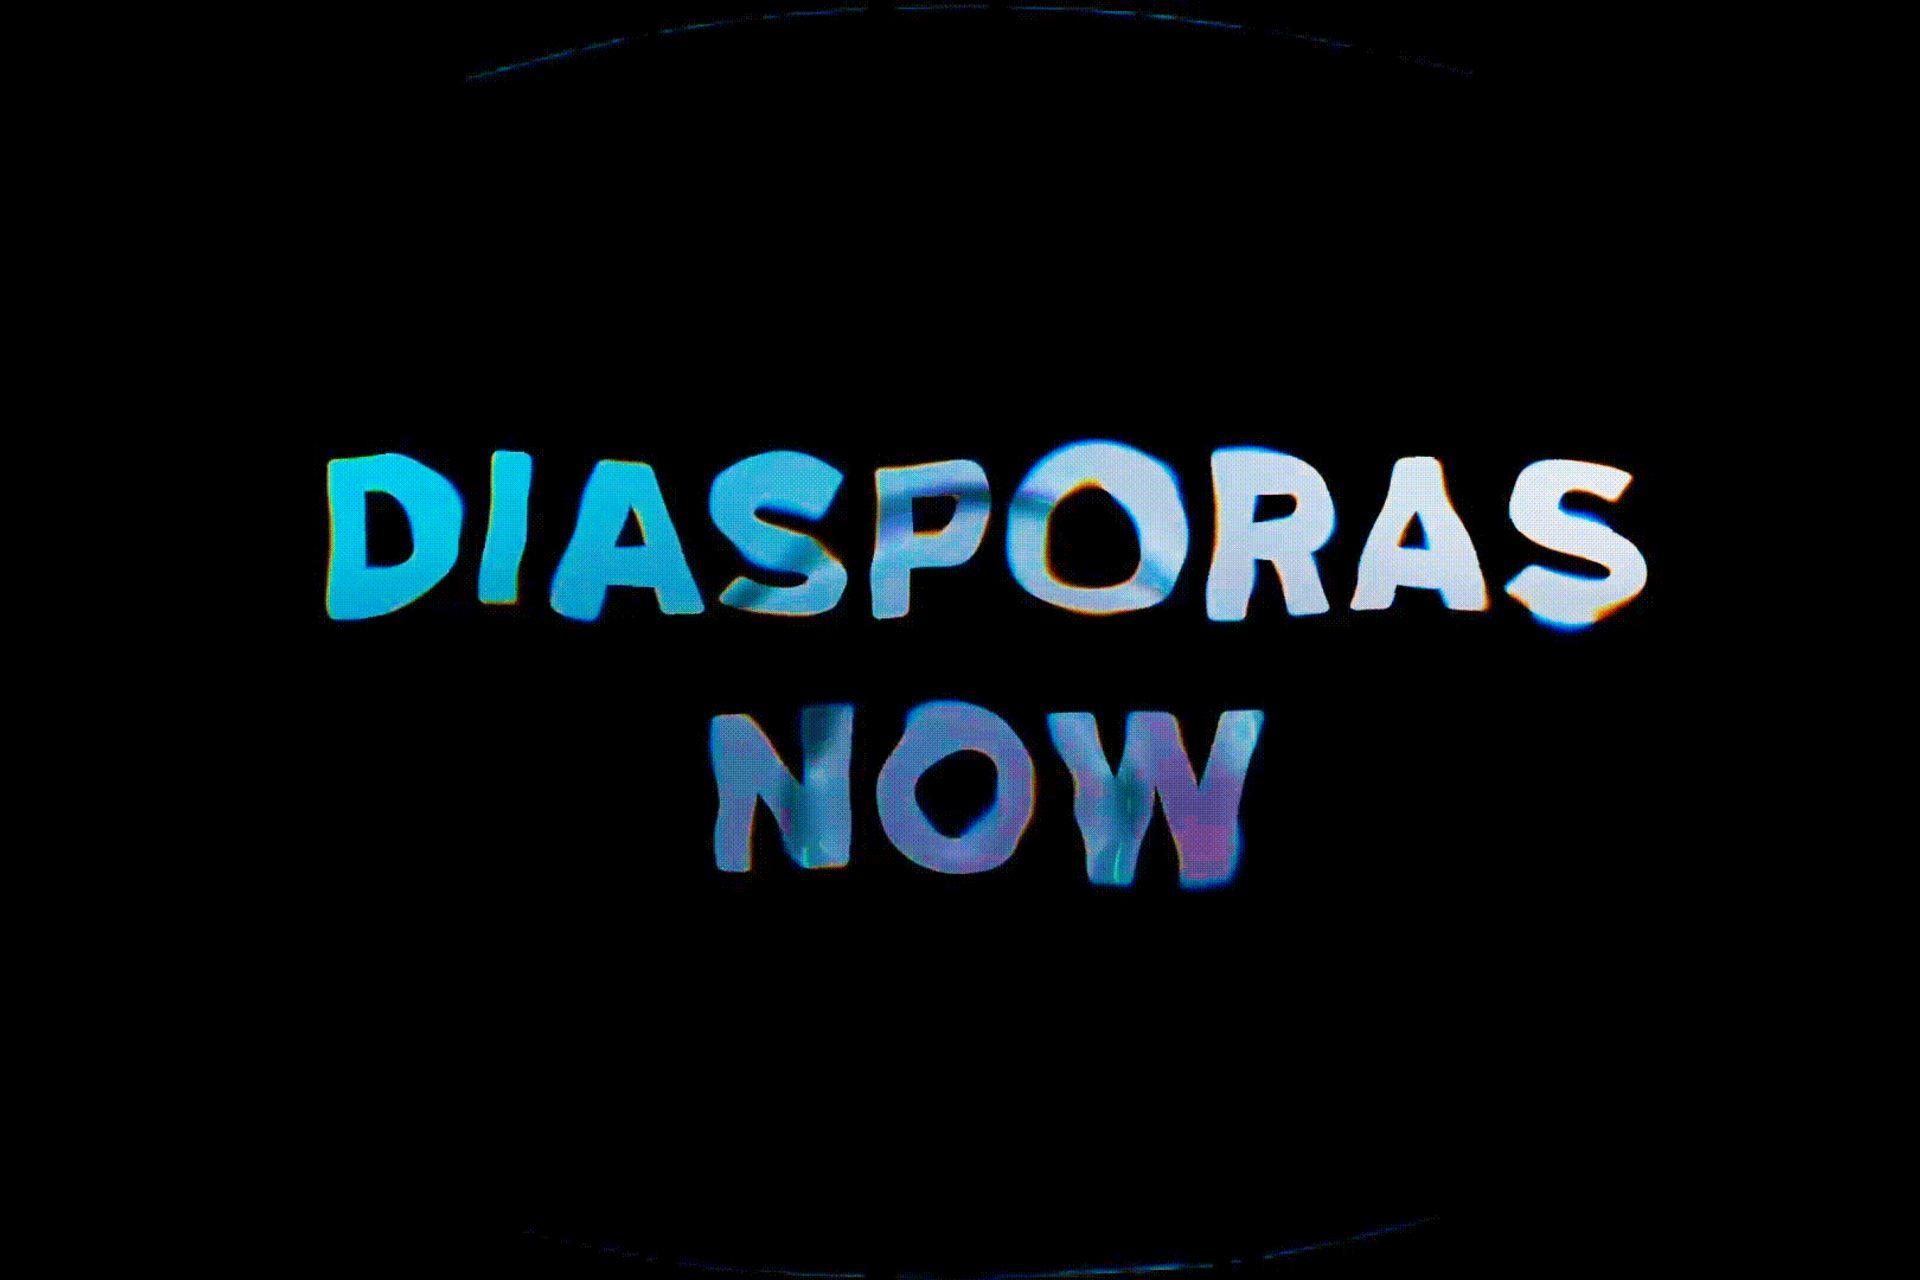 Diasporas Now-image